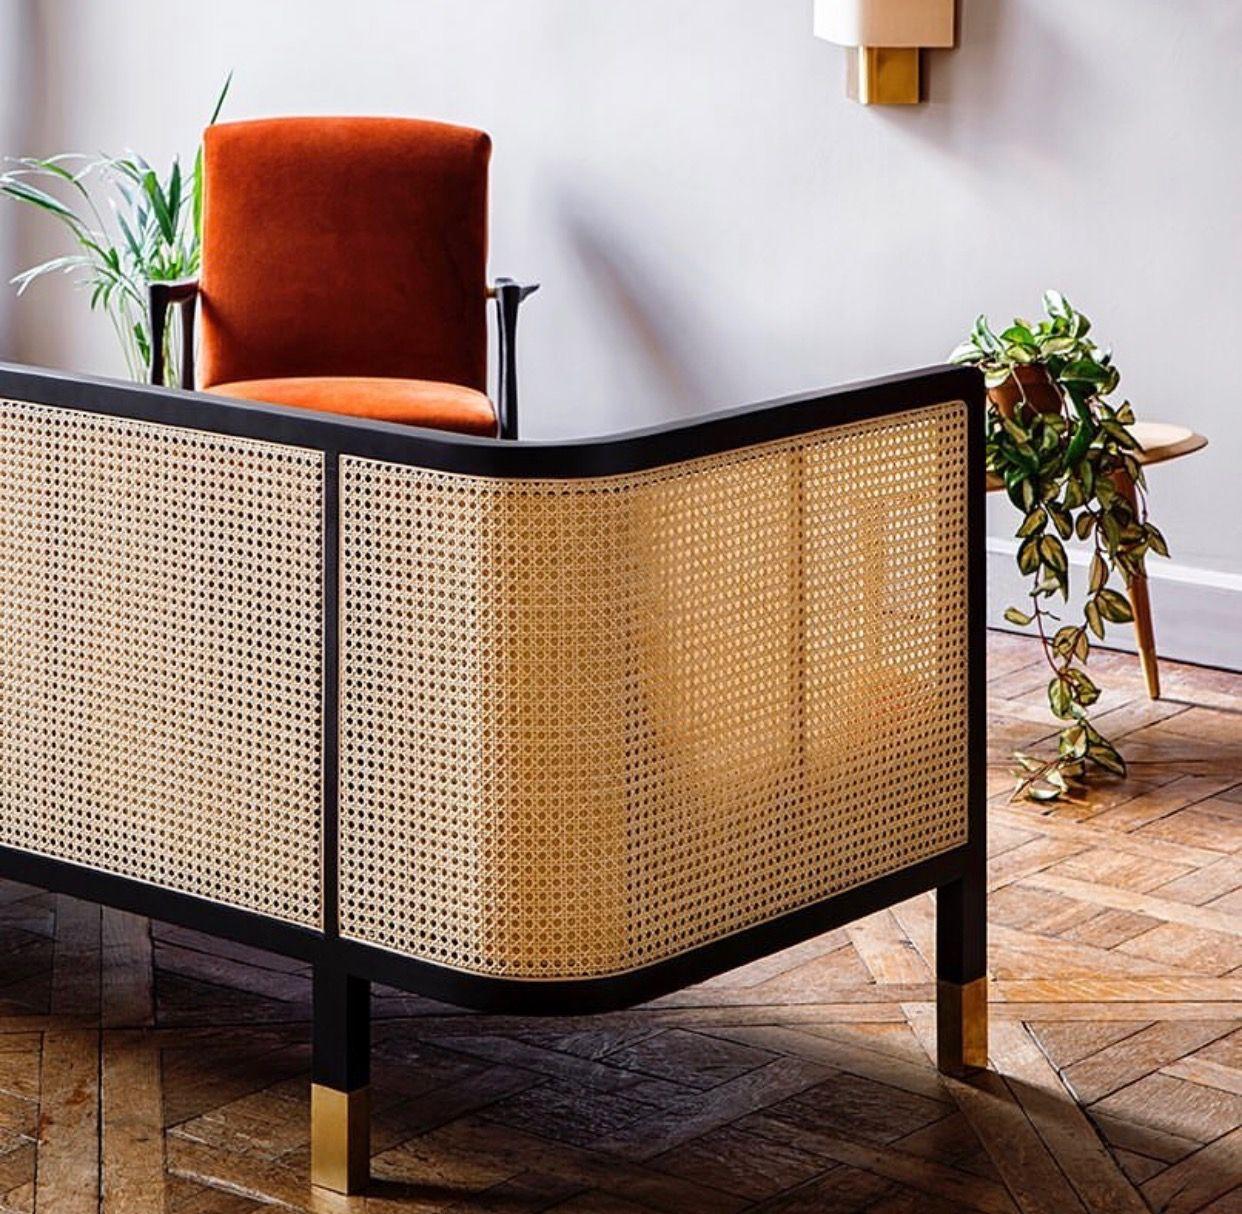 Jysk Salon De Jardin | Muebles Suecos Jysk Obtenga Ideas Diseño De ...